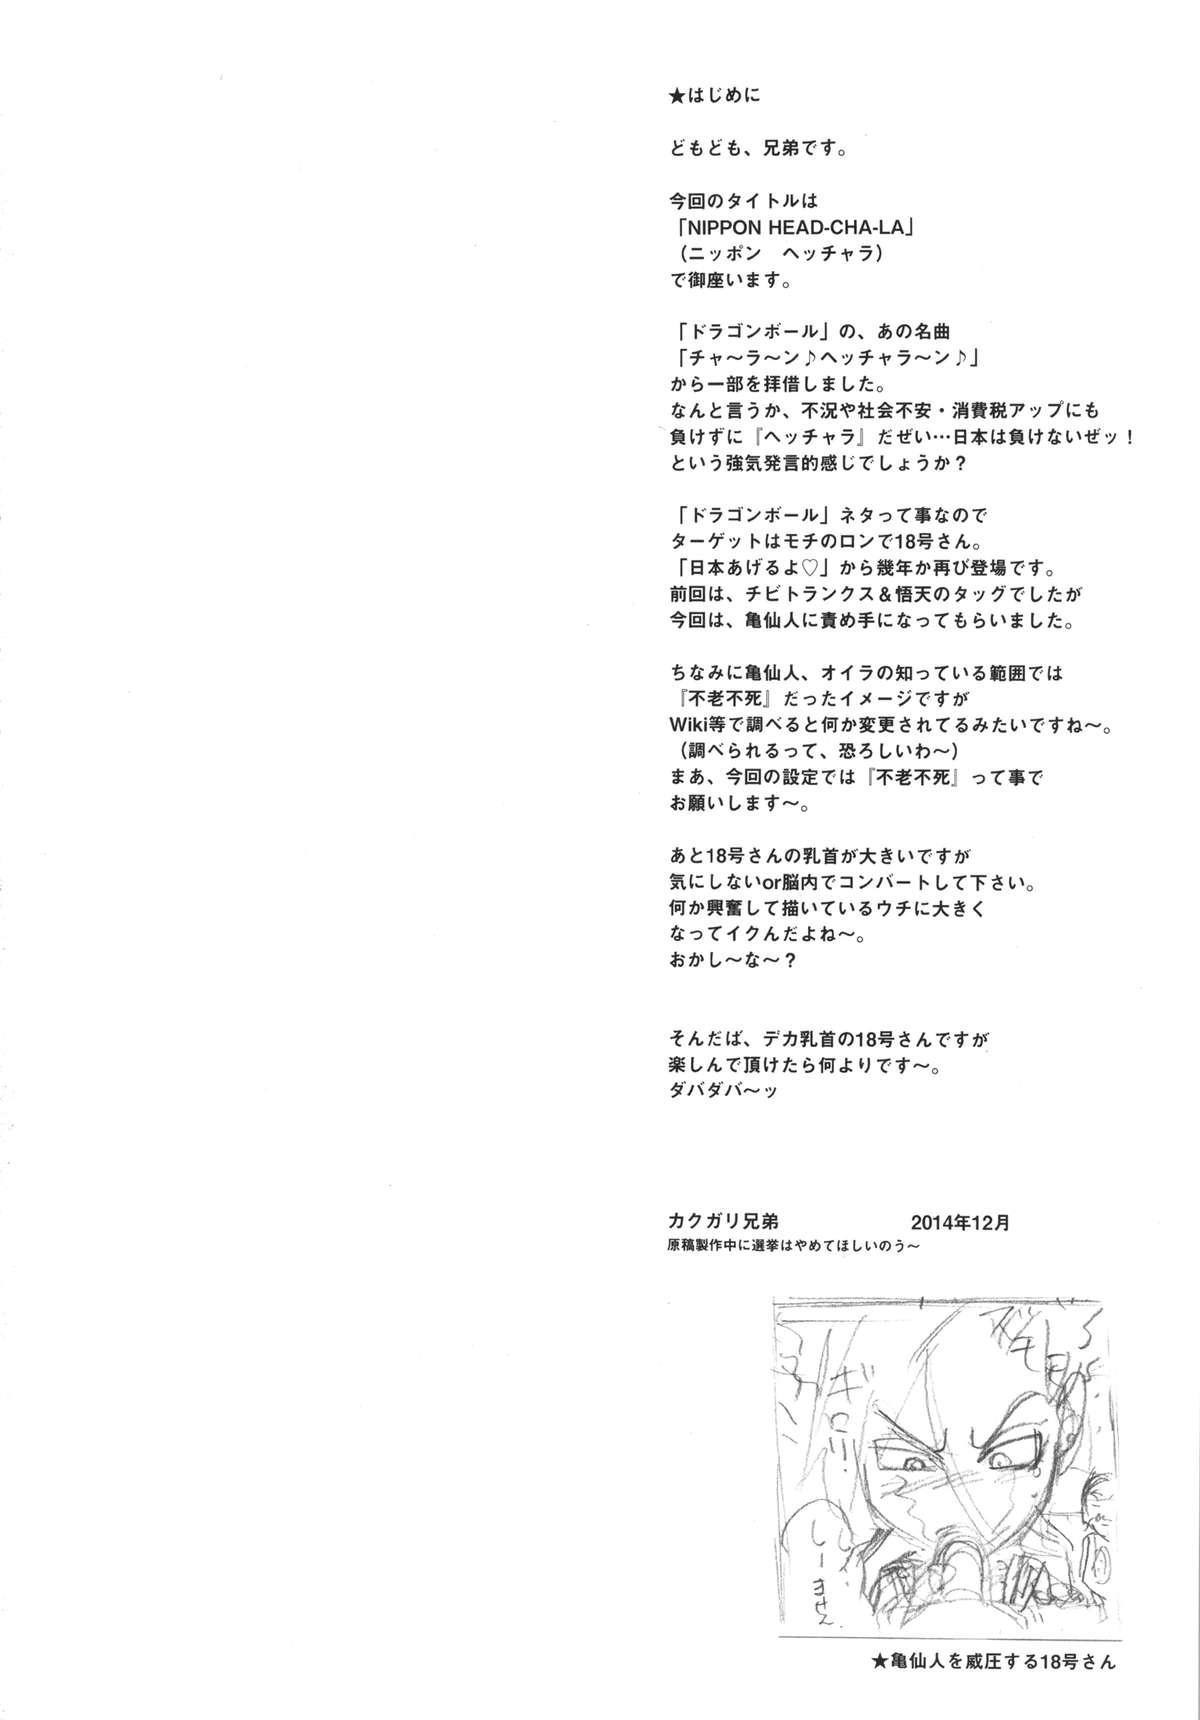 (C87) [Niku Ringo (Kakugari Kyoudai)] NIPPON HEAD-CHA-LA (Dragon Ball Z) 2